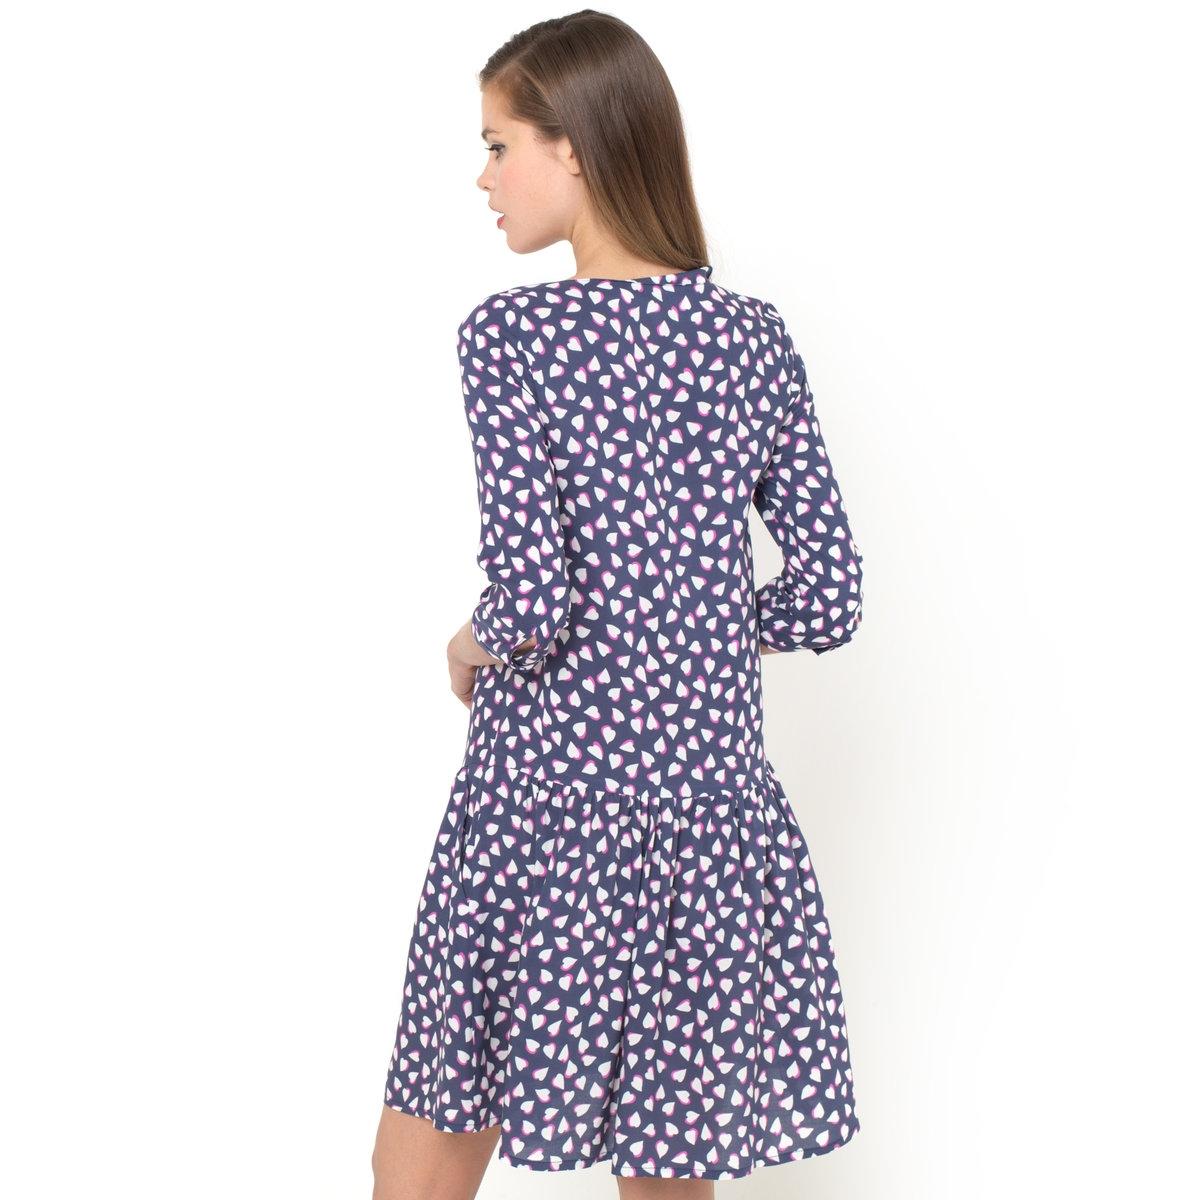 Платье с рисункомПлатье. 100% вискоза, рисунок на фоне в морском стиле. Круглый вырез. Рукава 3/4. Асимметричная ложная застежка на пуговицы спереди. Верх рукавов со складками. Боковые карманы. Застежка на молнию сзади. Длина ок.93 см.Платье - необходимый элемент любого гардероба! Рисунок отлично сочетается с любыми аксессуарами.Выберите балетки и черные колготки для дополнения образа. Создайте образ в стиле 60-ых с помощью цветных колготок, бабетты и макияжа в стиле Твигги!<br><br>Цвет: набивной рисунок<br>Размер: 32 (FR) - 38 (RUS)